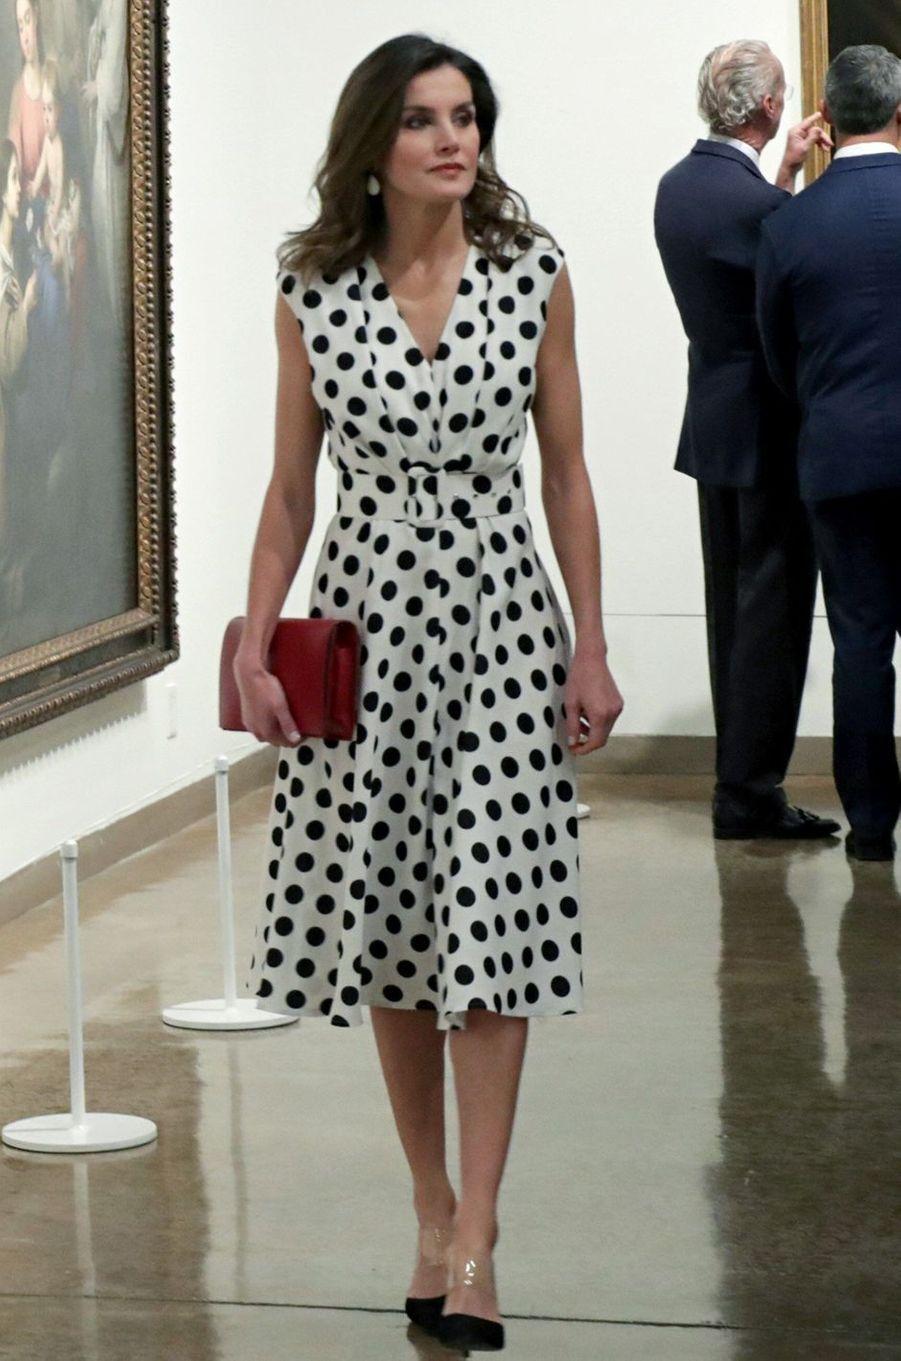 La reine Letizia d'Espagne dans une robe Matilde Cano à San Antonio, le 18 juin 2018